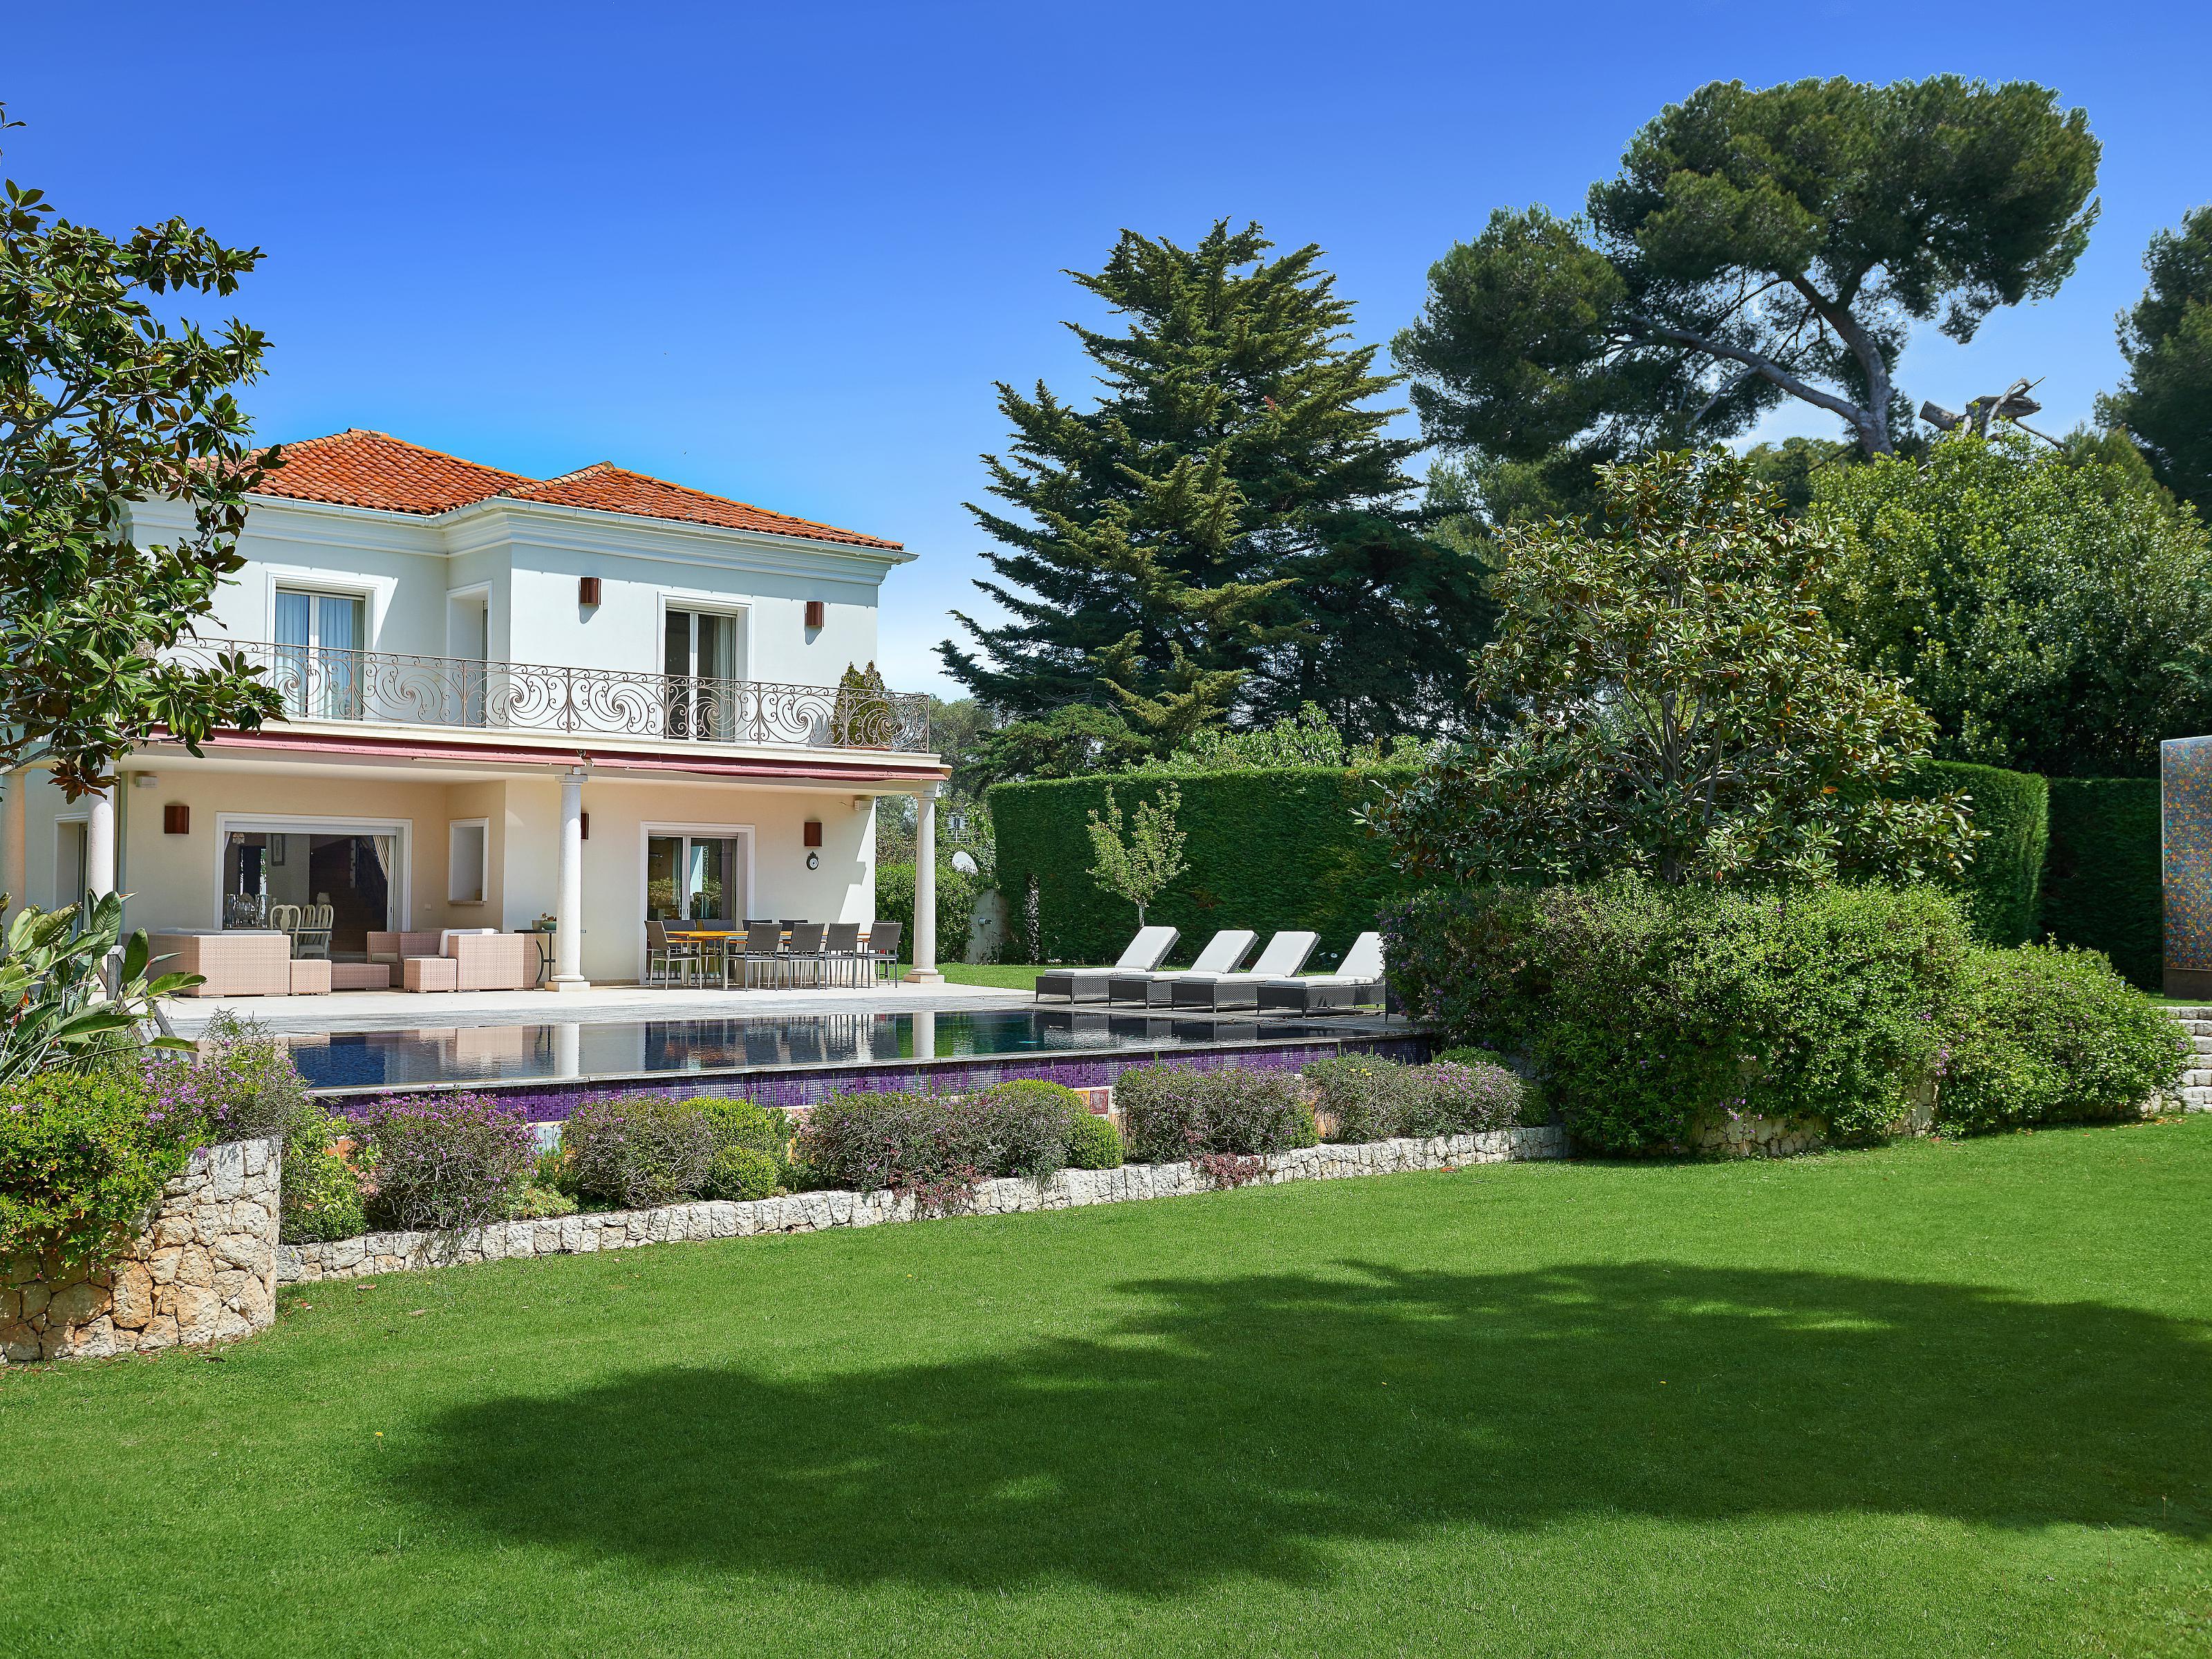 Maison unifamiliale pour l Vente à Magnificent Mediterranean villa located on the Cap d'Antibes Cap D'Antibes, Provence-Alpes-Cote D'Azur 06160 France